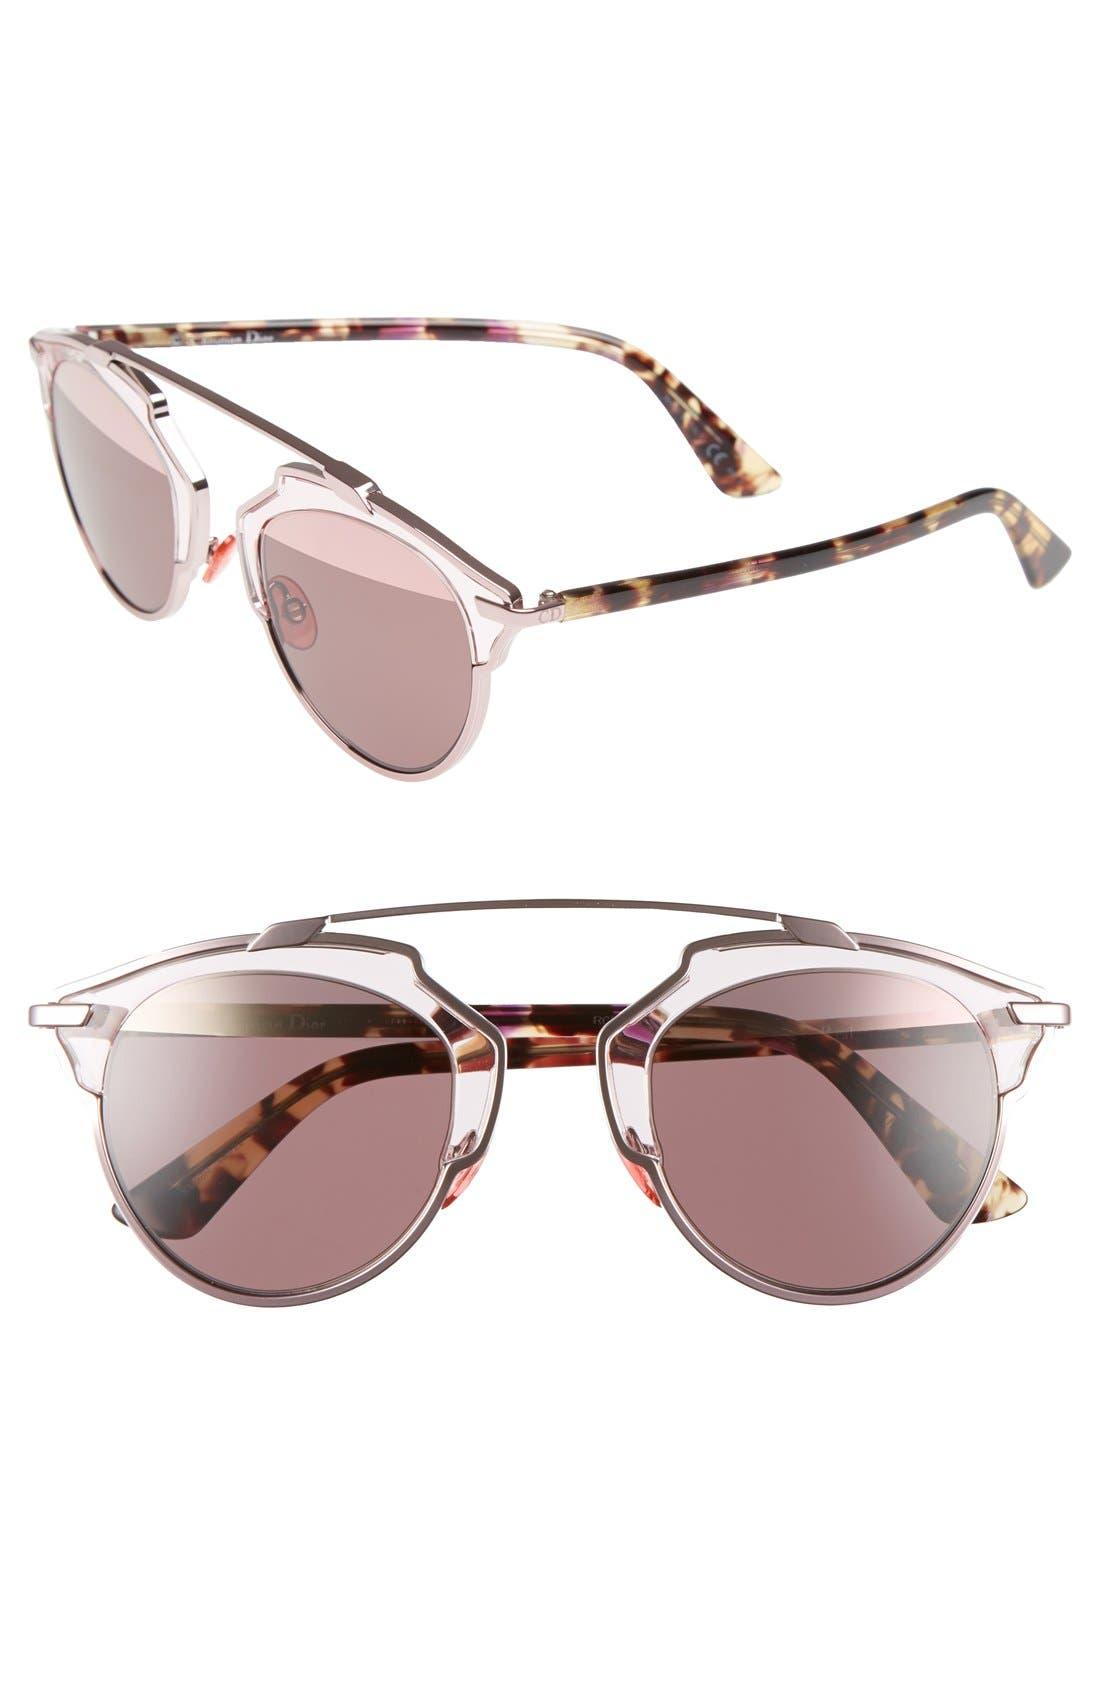 So Real 48mm Brow Bar Sunglasses,                             Main thumbnail 21, color,